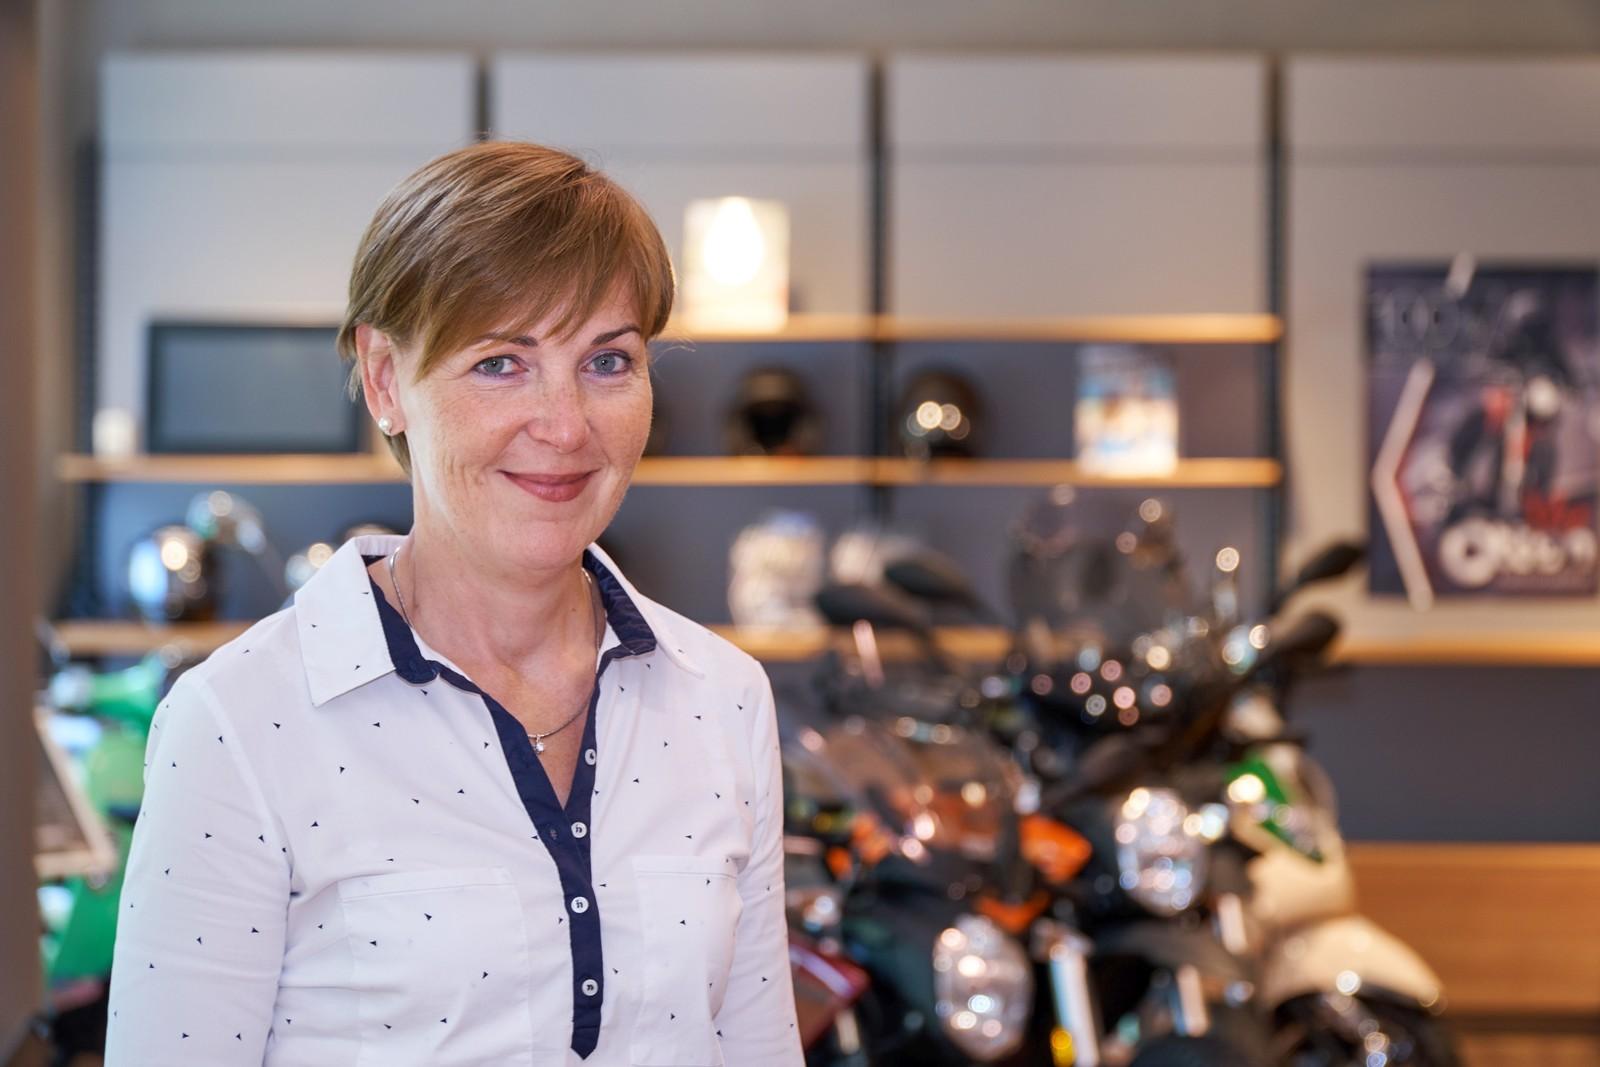 Und die Mitarbeiter der Alwin Otten GmbH sind damit sehr zufrieden, sagt Prokuristin Inge Otten.